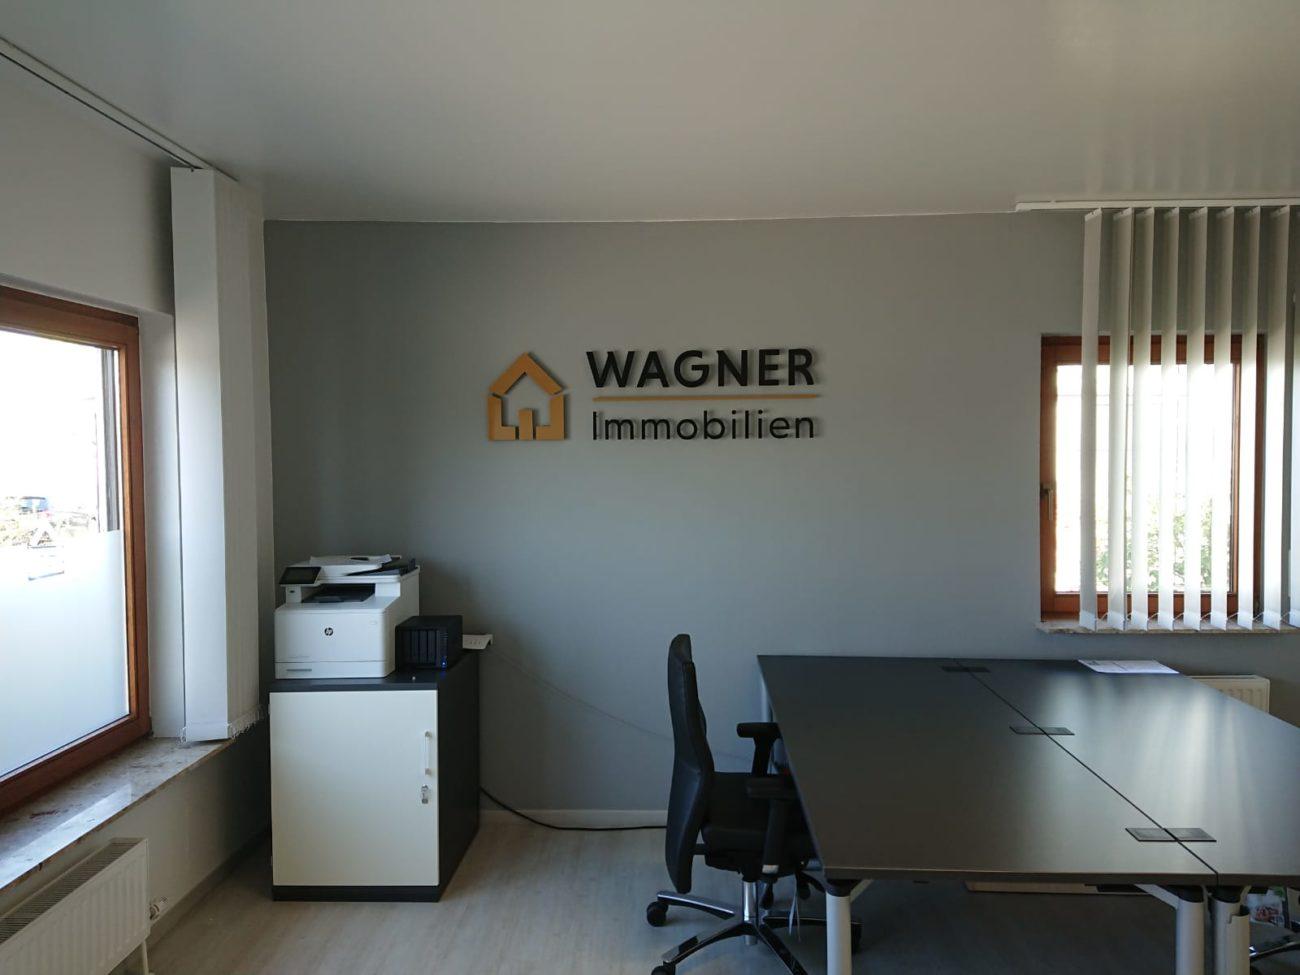 lackierte 3d buchstaben aus Acryl an der Wand in einem Büro in Mainz